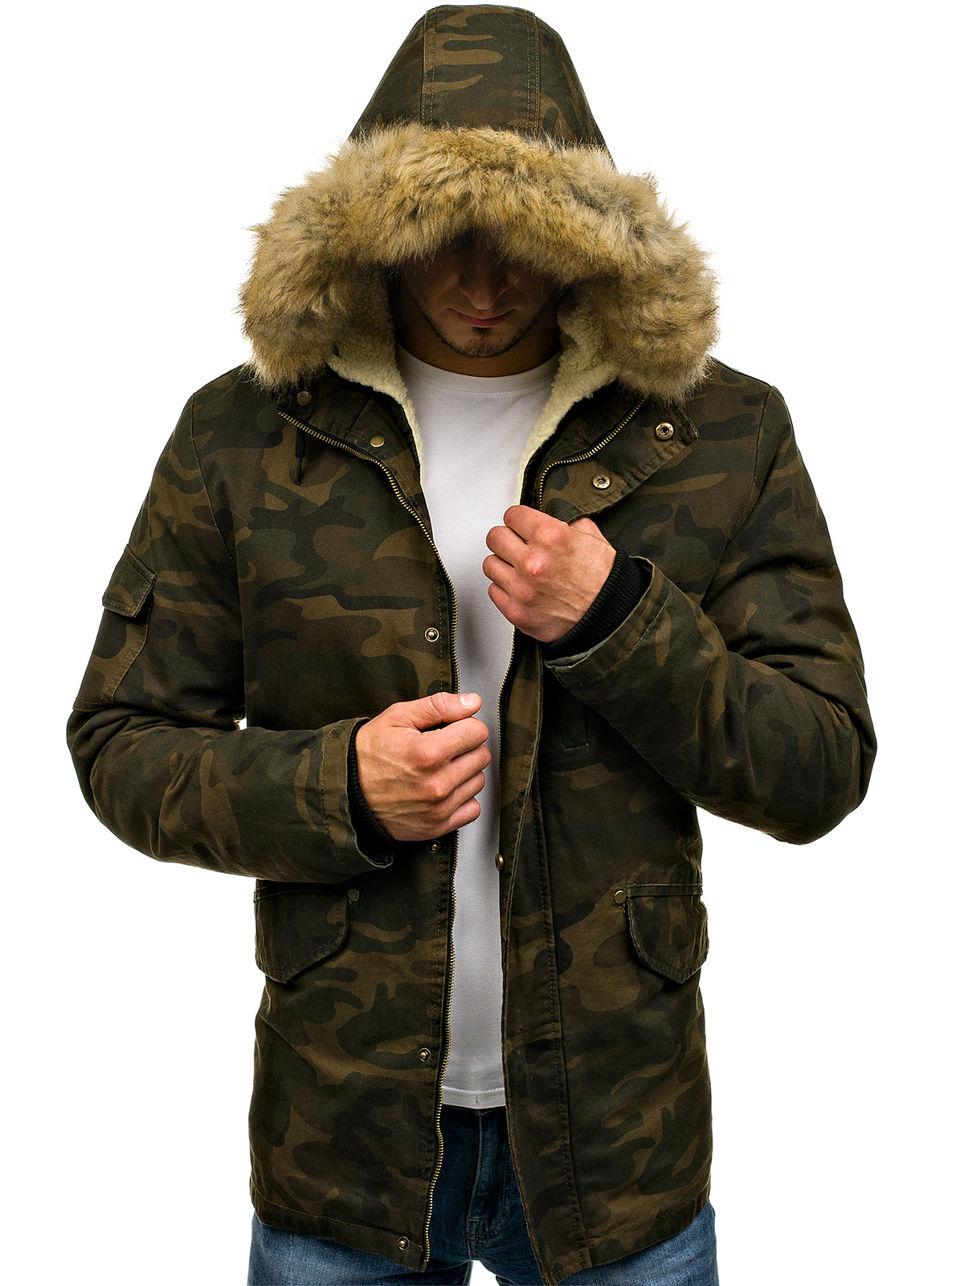 rus_pl_Мужская-зимняя-куртка-парка-камуфляж-хаки-Bolf-4662-50785_3